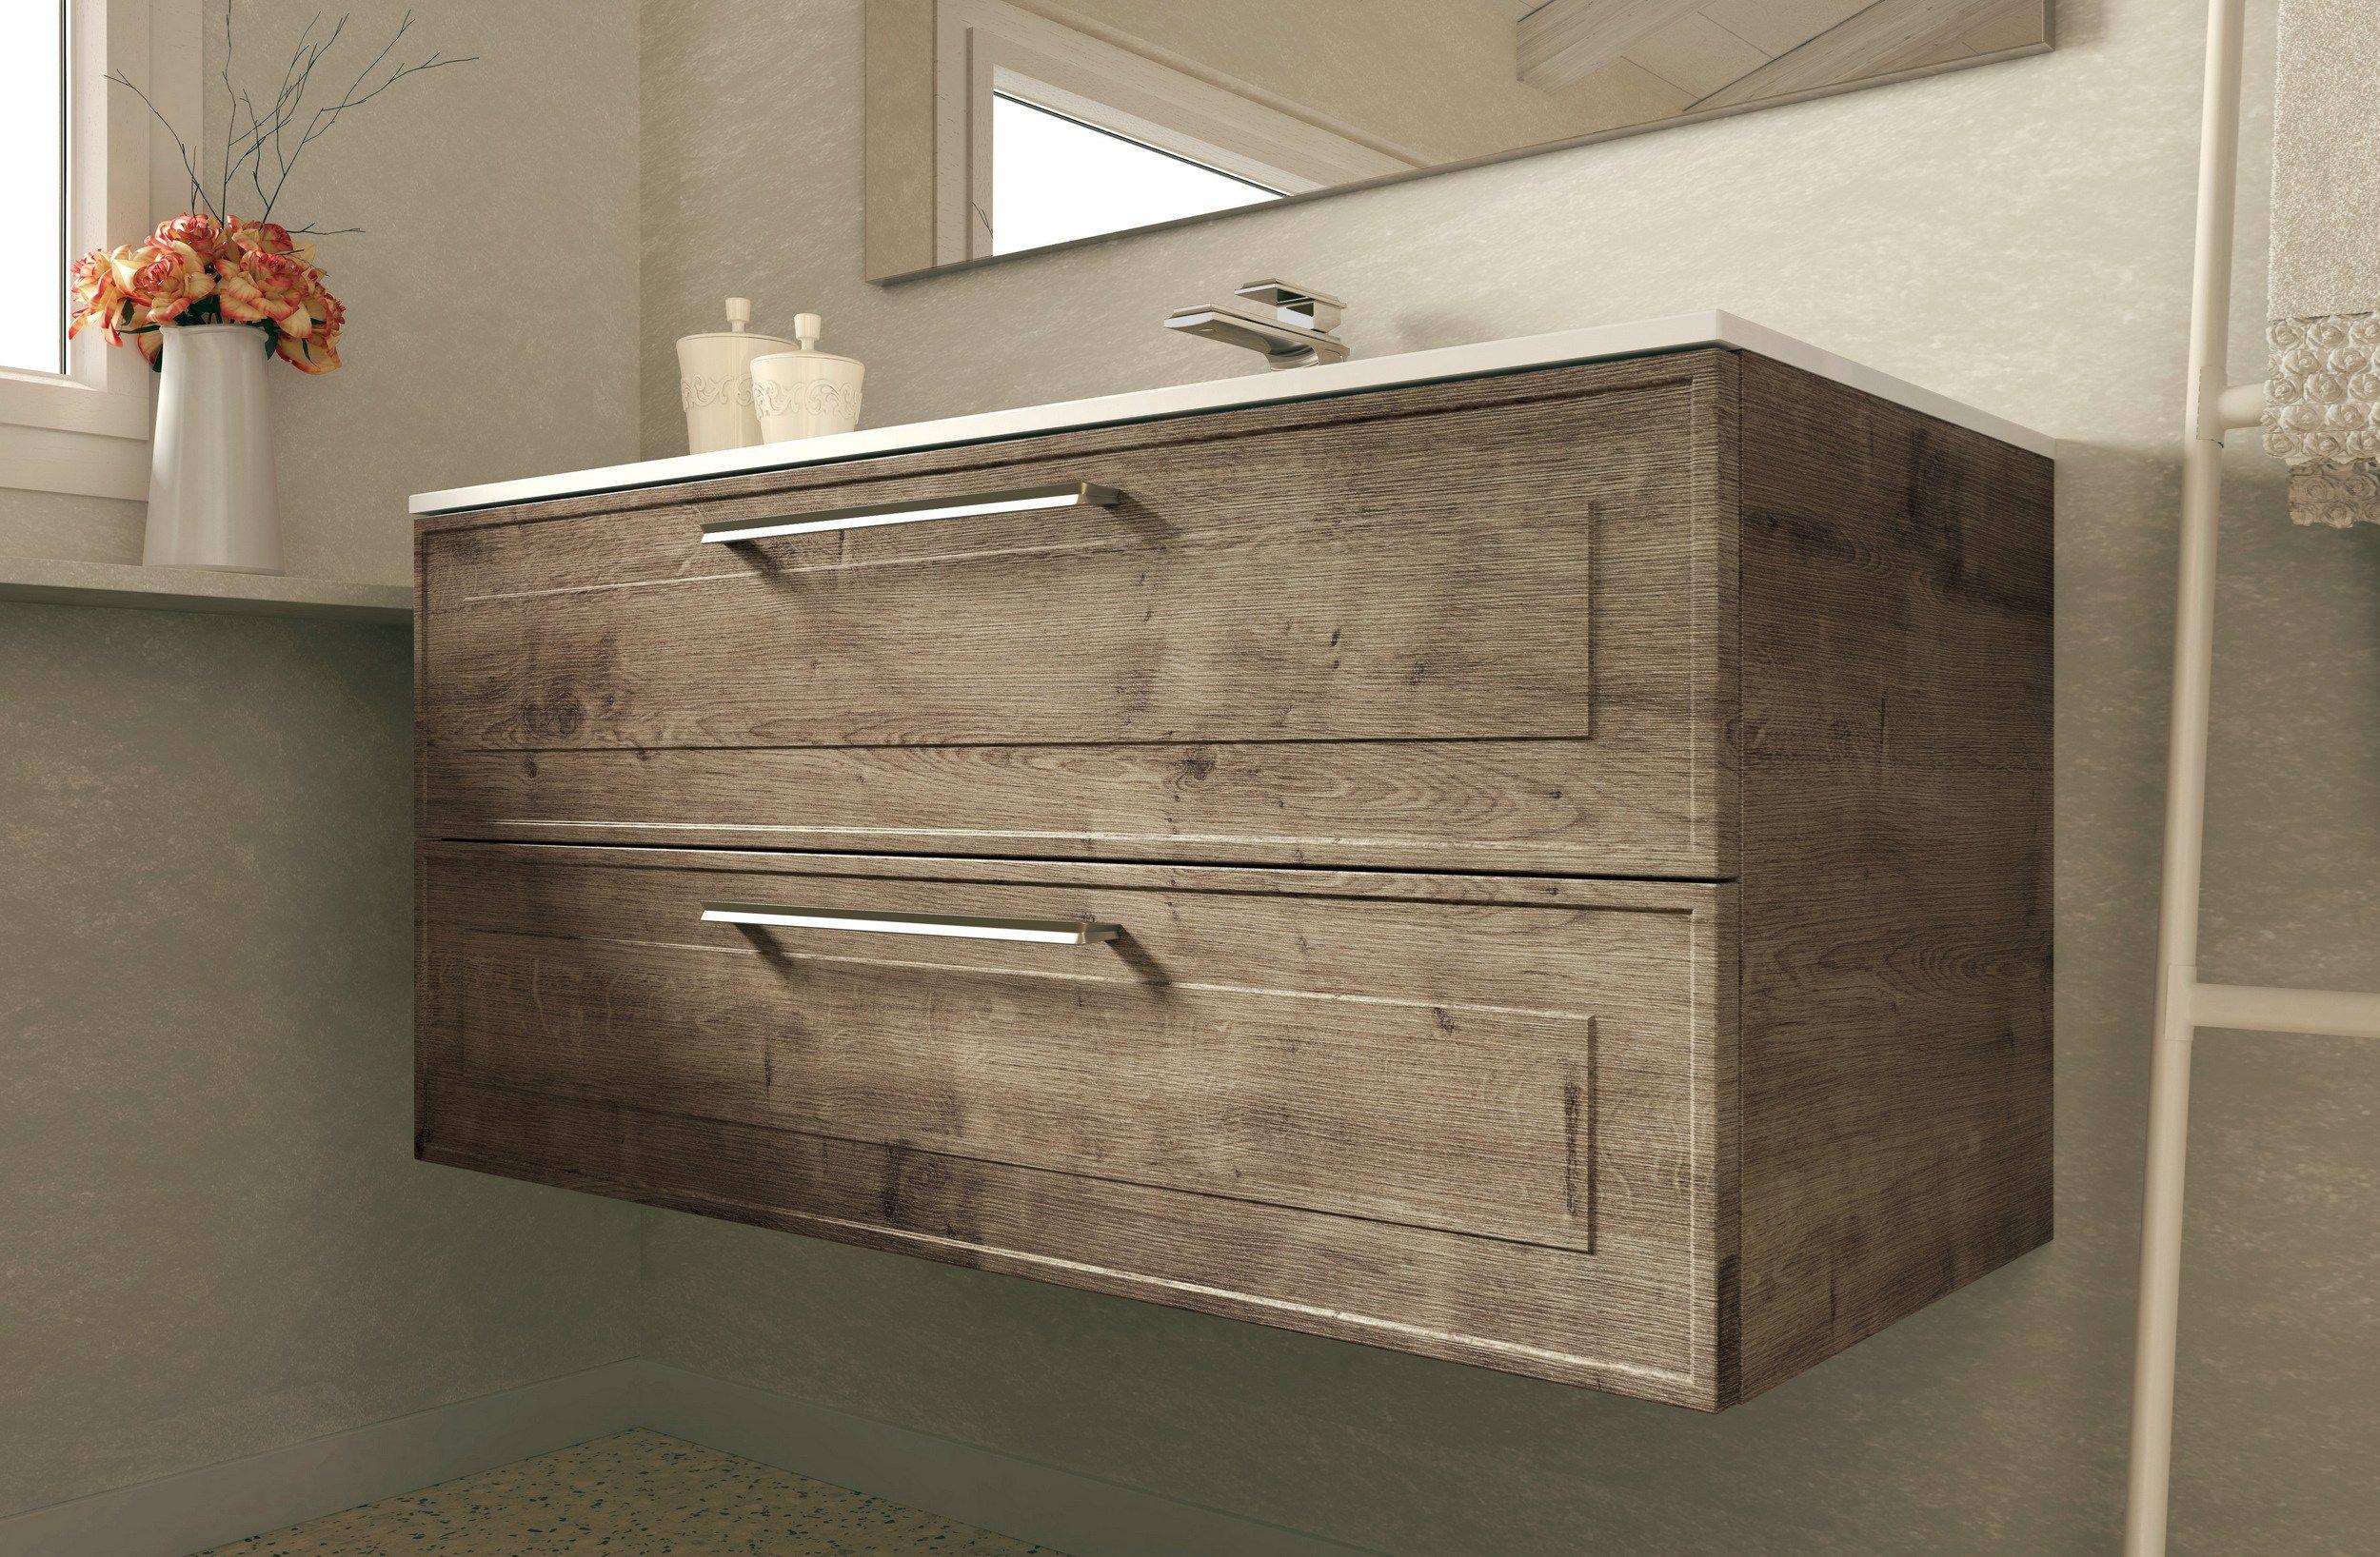 arredo bagno completo dressy comp 02 by idea - Arredo Bagno Ideagroup Prezzi